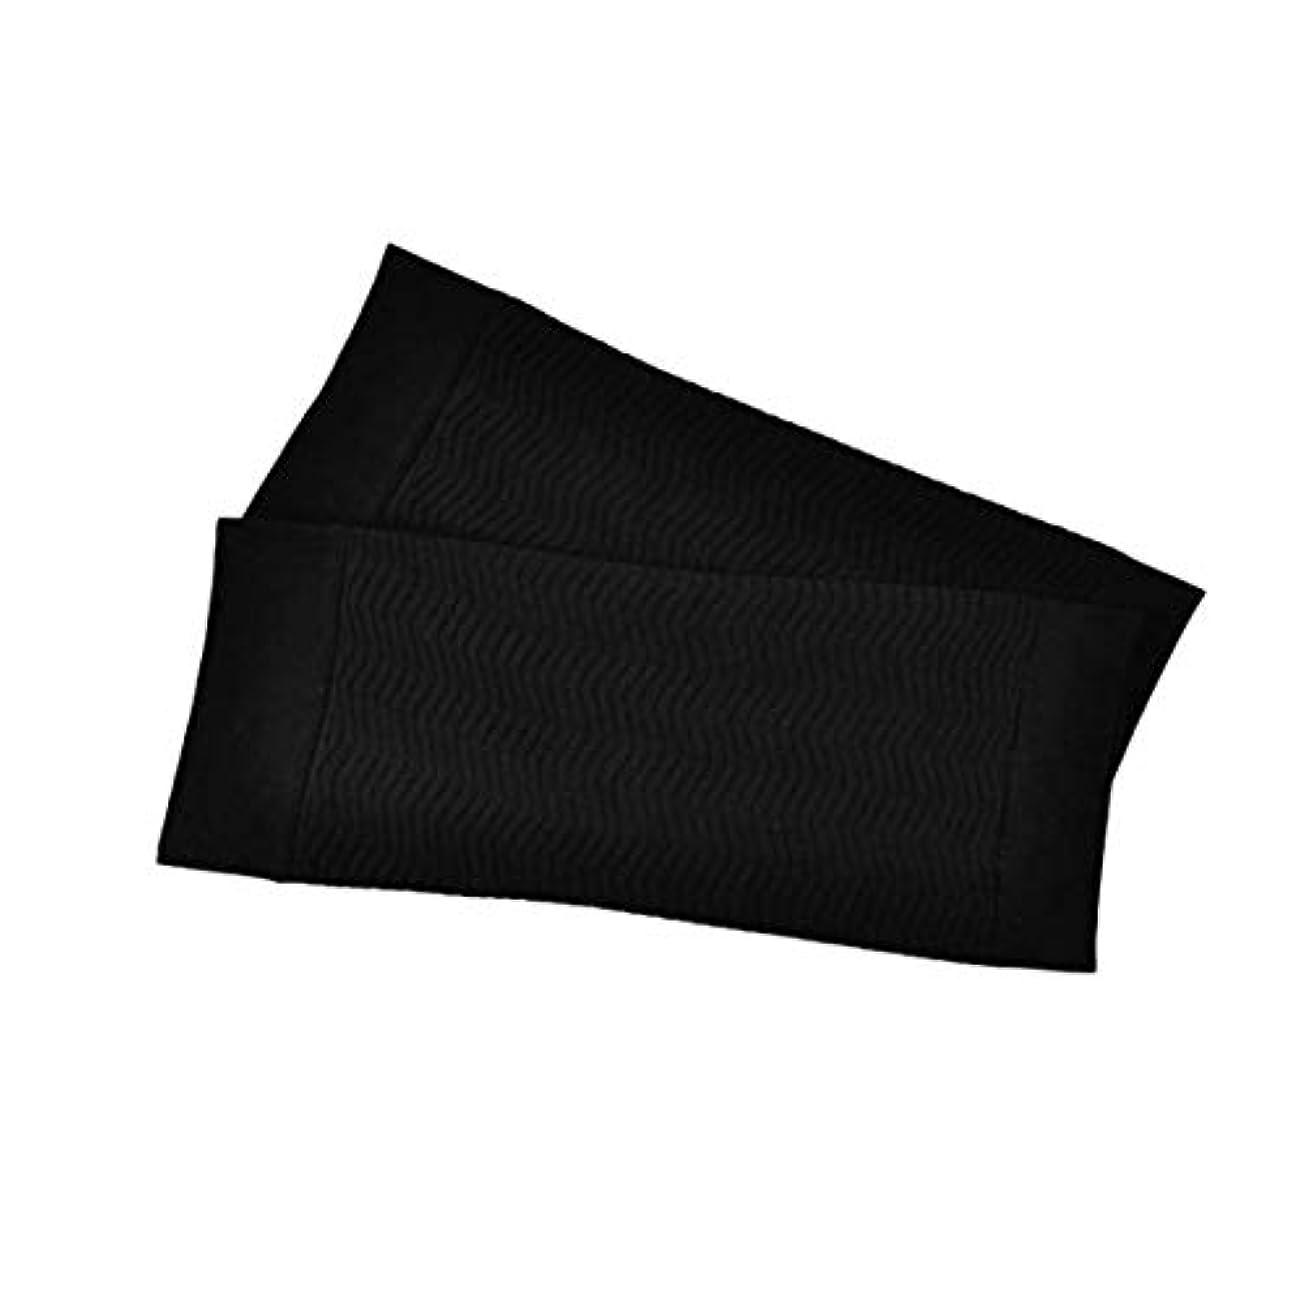 吸収剤ベギンステージ1ペア680 D圧縮アームシェイパーワークアウトトーニングバーンセルライトスリミングアームスリーブ脂肪燃焼半袖用女性 - ブラック